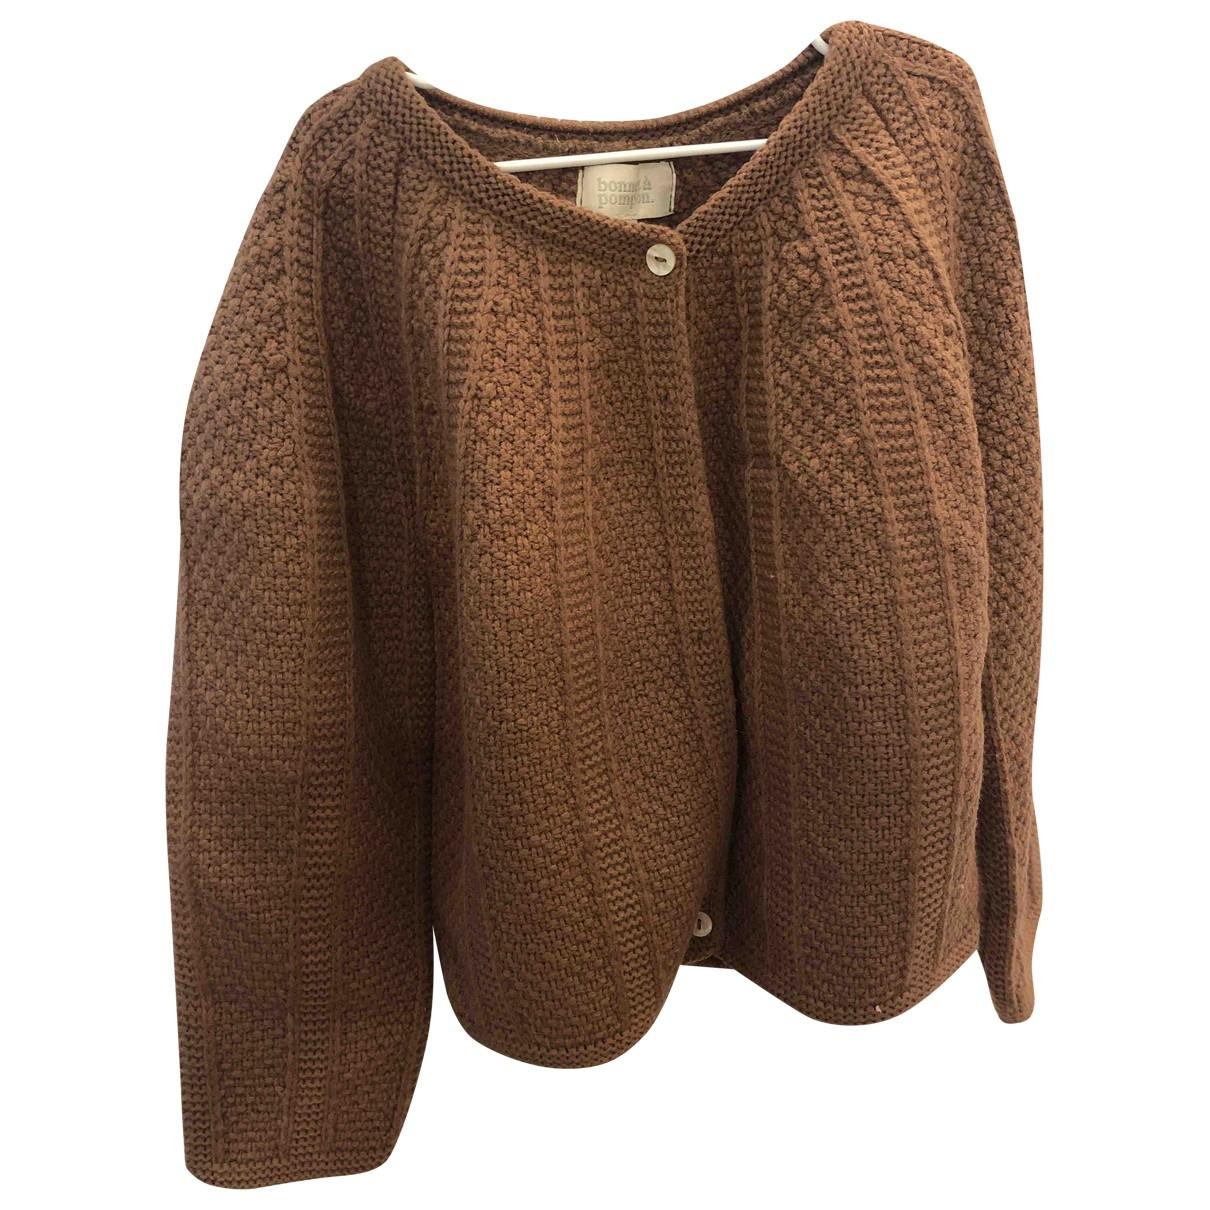 Bonnet A Pompon - Blousons.Manteaux   pour enfant en laine